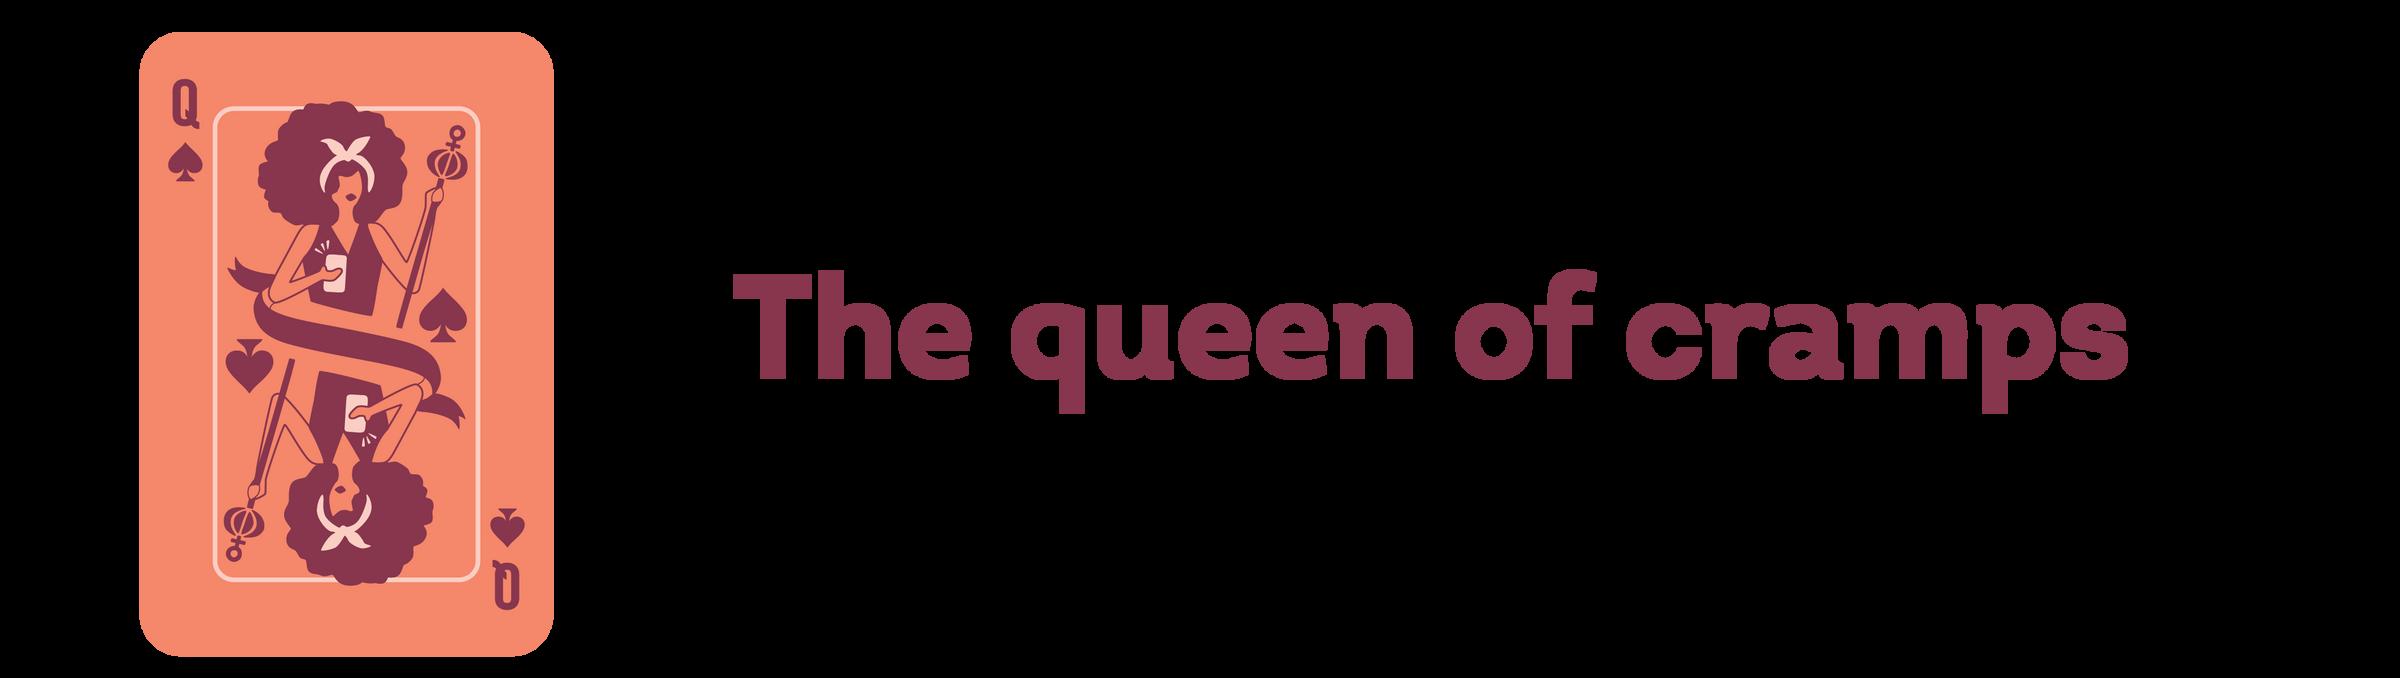 the queen of cramps